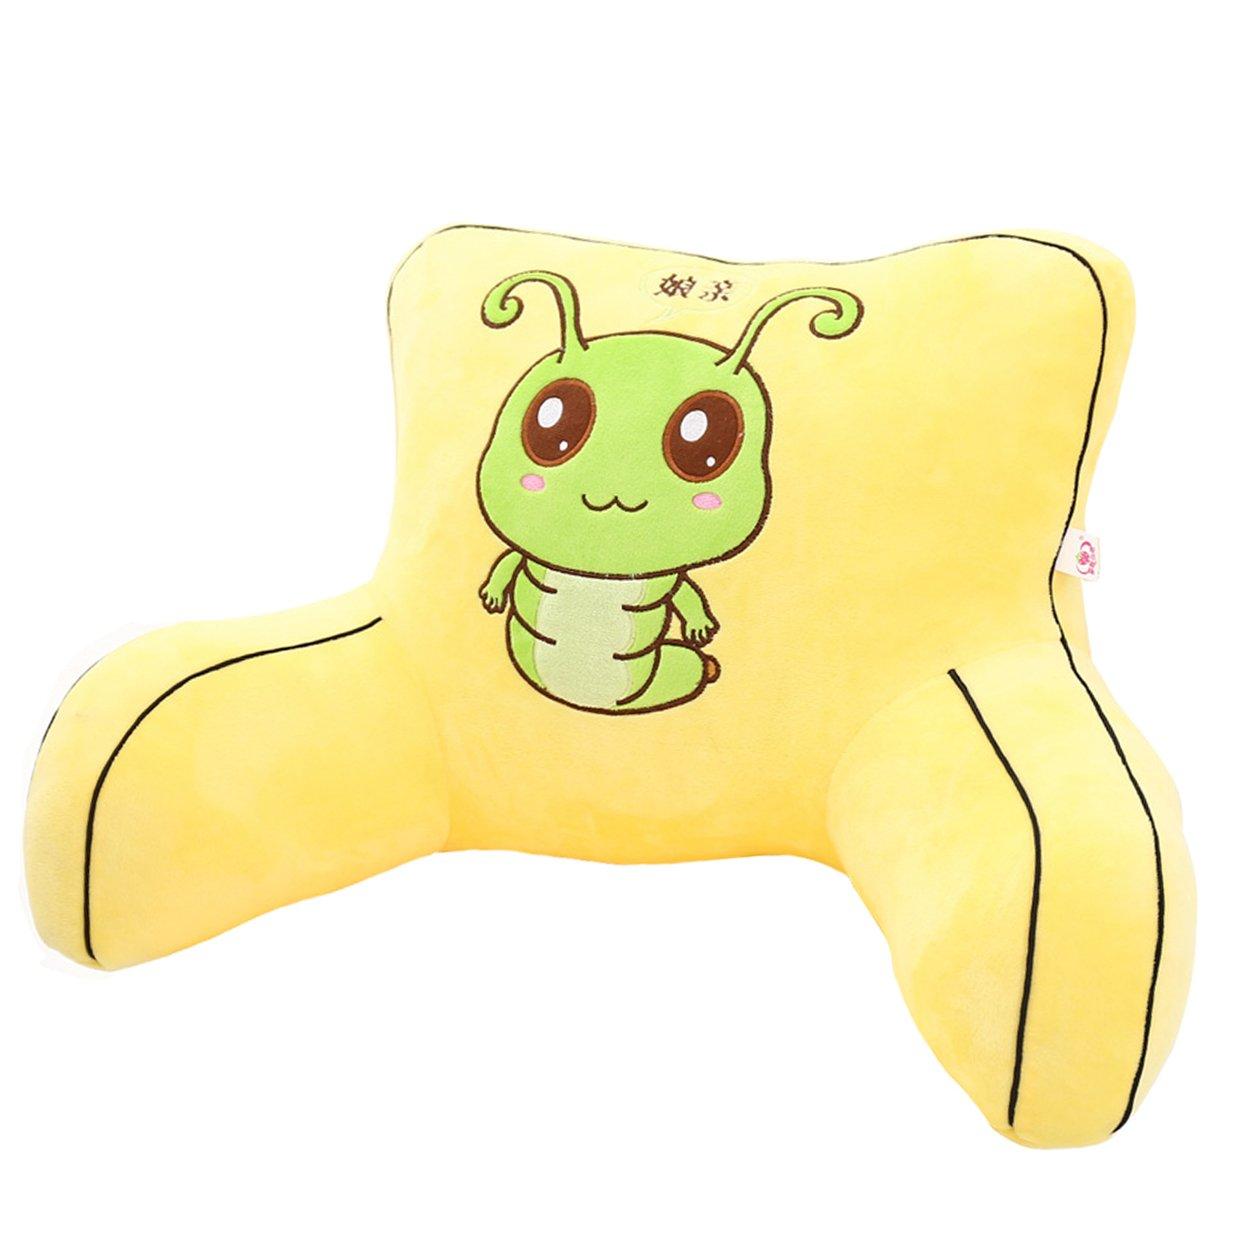 Adorable Yellow Caterpillar Lumbar Support Backrest Pillow Waist Seat Back Cushion Pillow in Home Office School Car